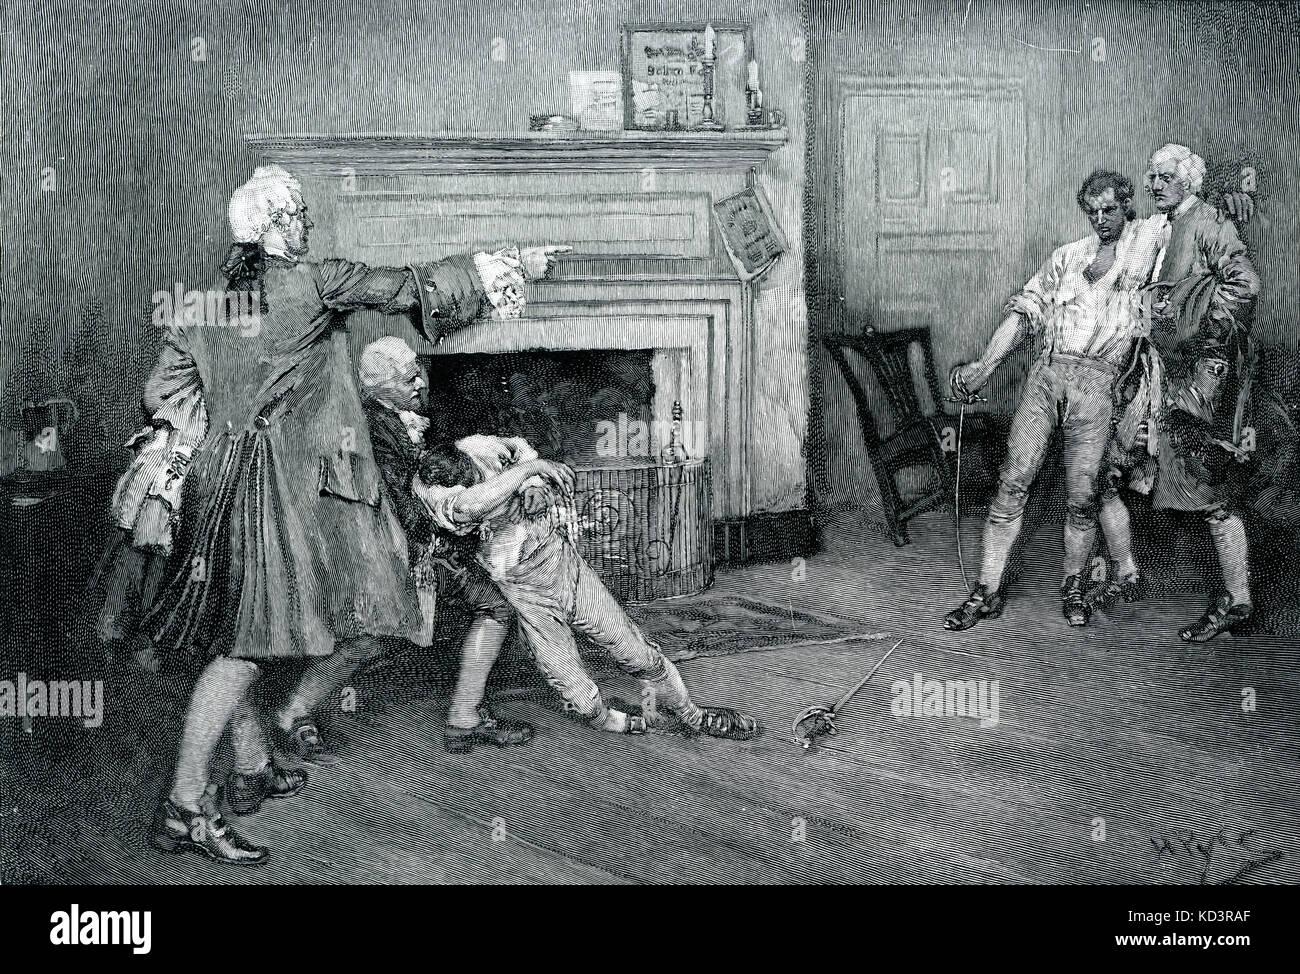 Le commandant britannique, le capitaine Tollemache, traverse et est tué dans un duel avec le capitaine Pennington à la taverne City Arms, colonial New York, XVIIIe siècle. Illustration de Howard Pyle, 1896 Banque D'Images